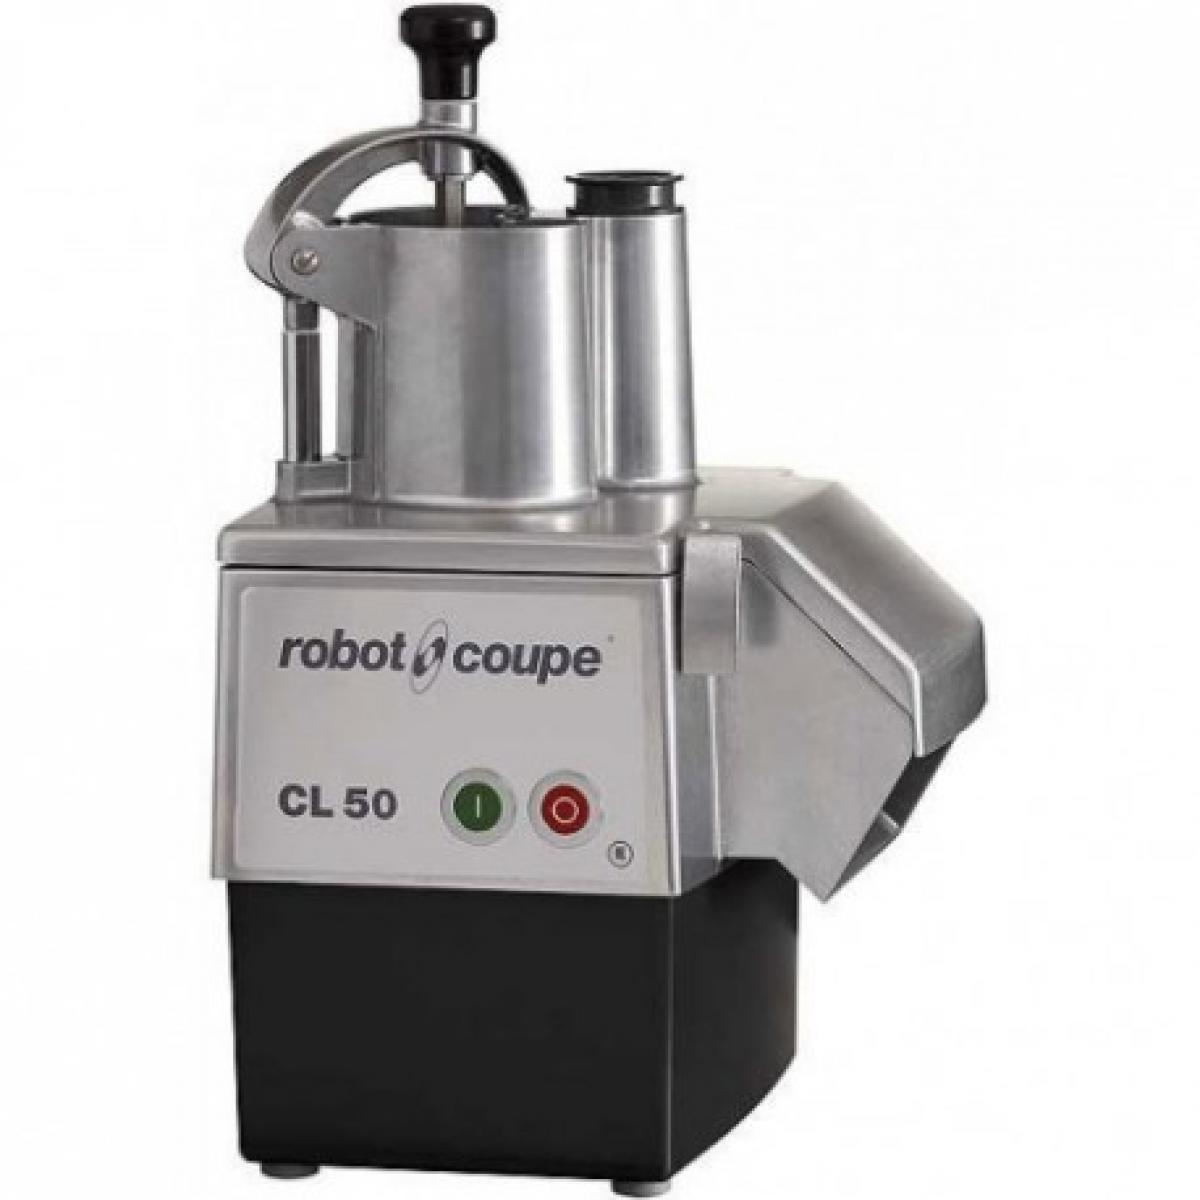 Robot Coupe Coupe légumes professionnel CL 50 Gourmet Robot Coupe -